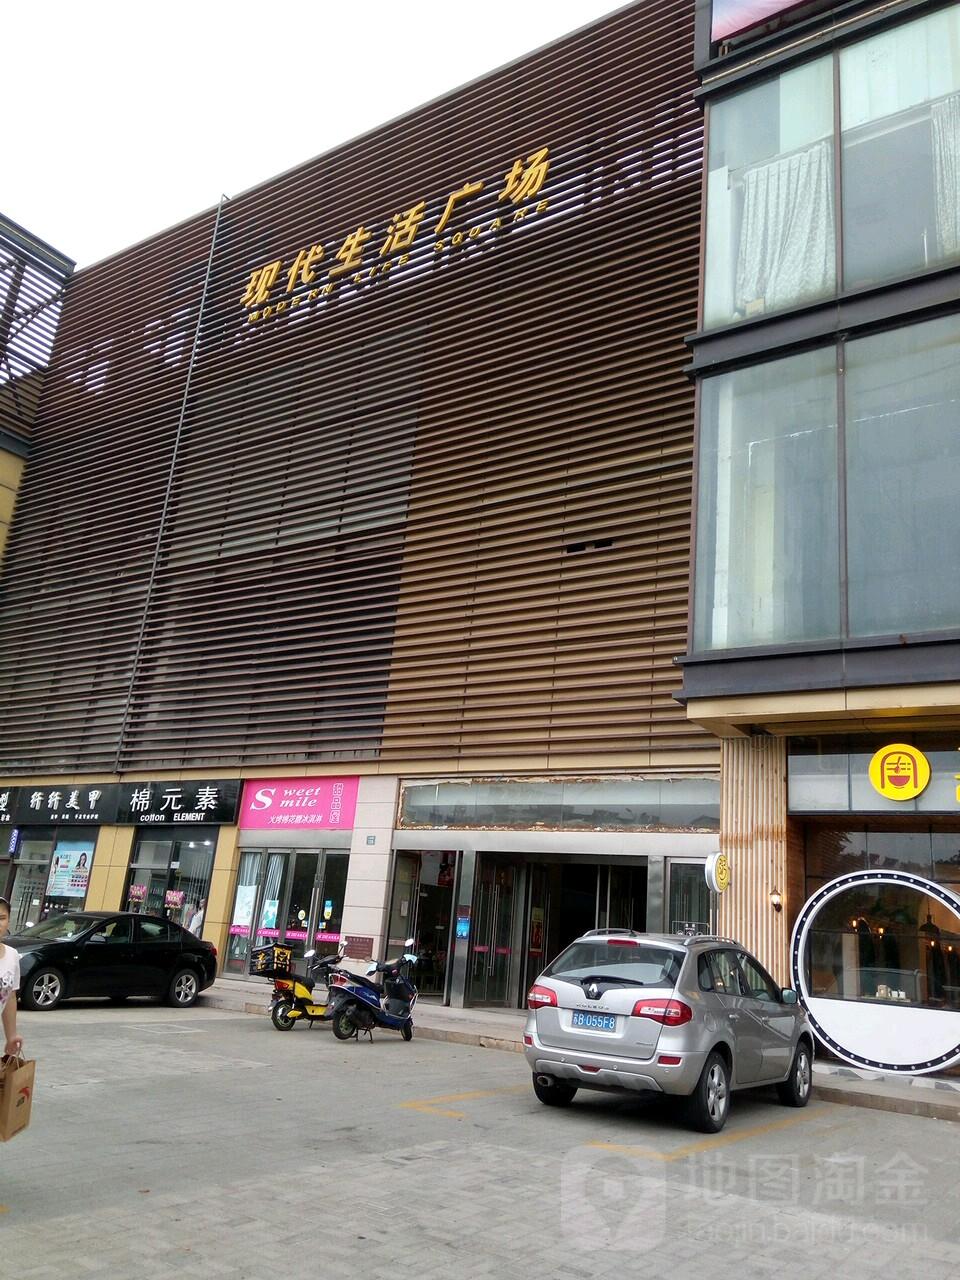 宜兴市  标签: 现代生活广场(晨兴国际商务公寓东北)共多少人浏览